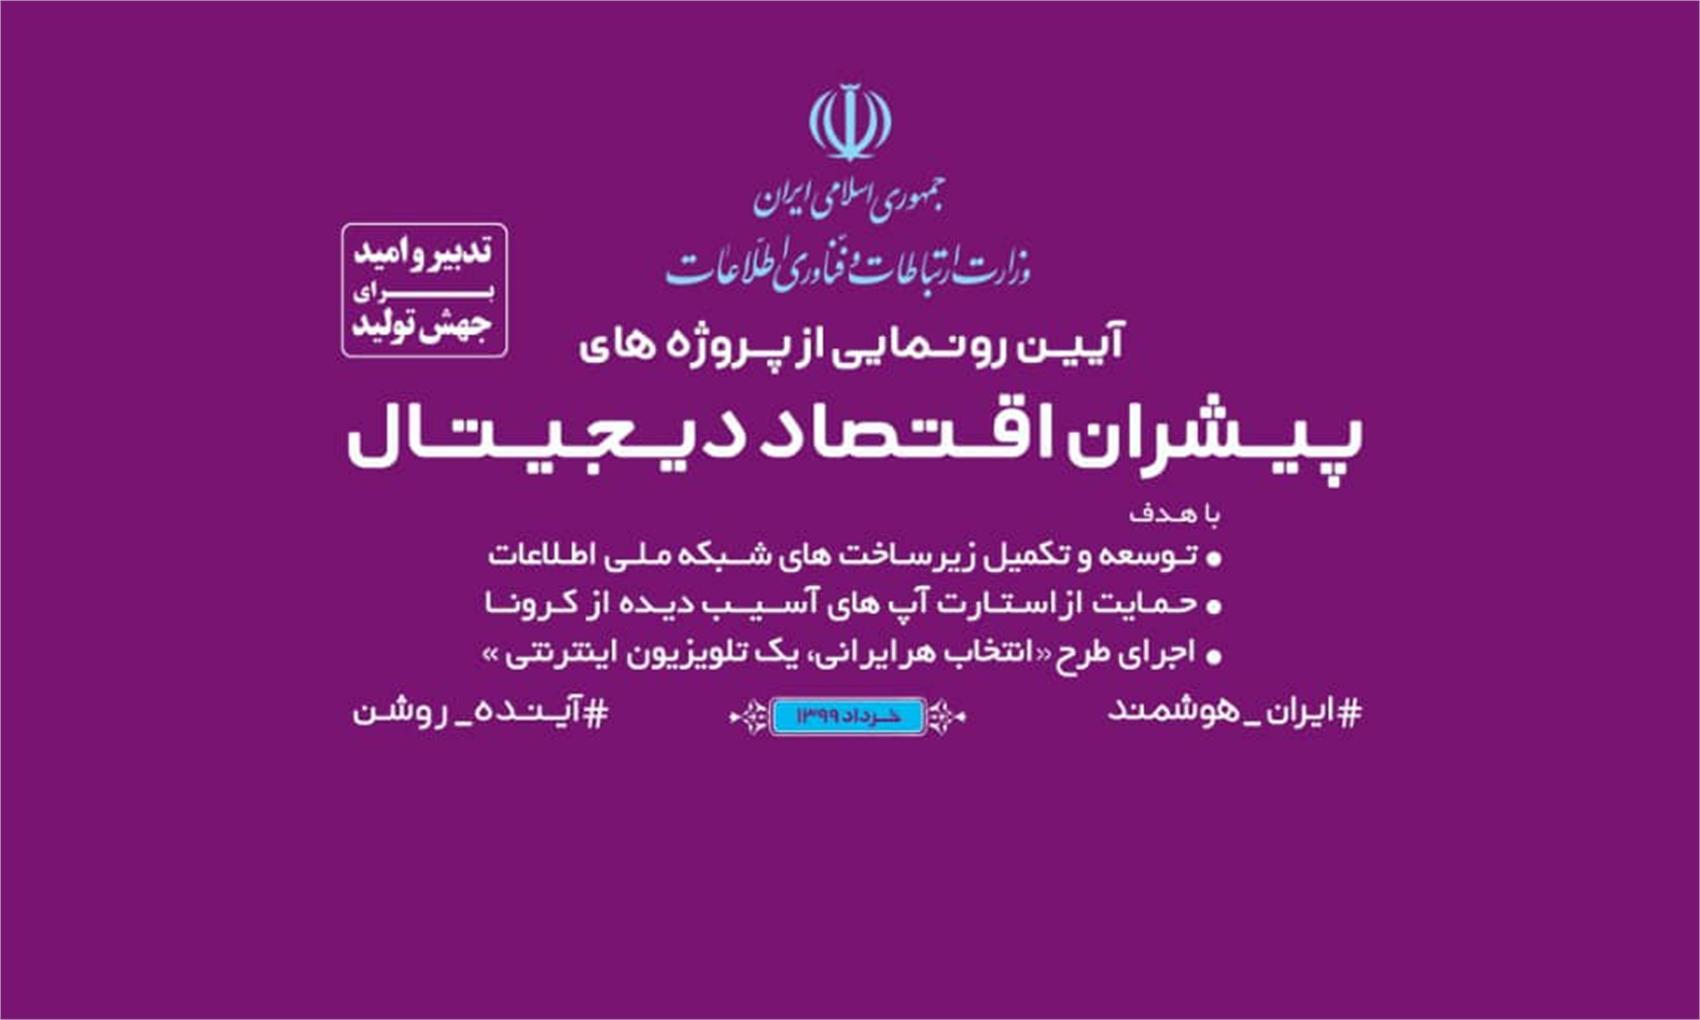 افتتاح پروژه های پیشران «اقتصاد دیجیتال» با دستور روحانی/ شبکه ملی اطلاعات روی ریل ارتقای محتوا /هر ایرانی، یک تلویزیون اینترنتی